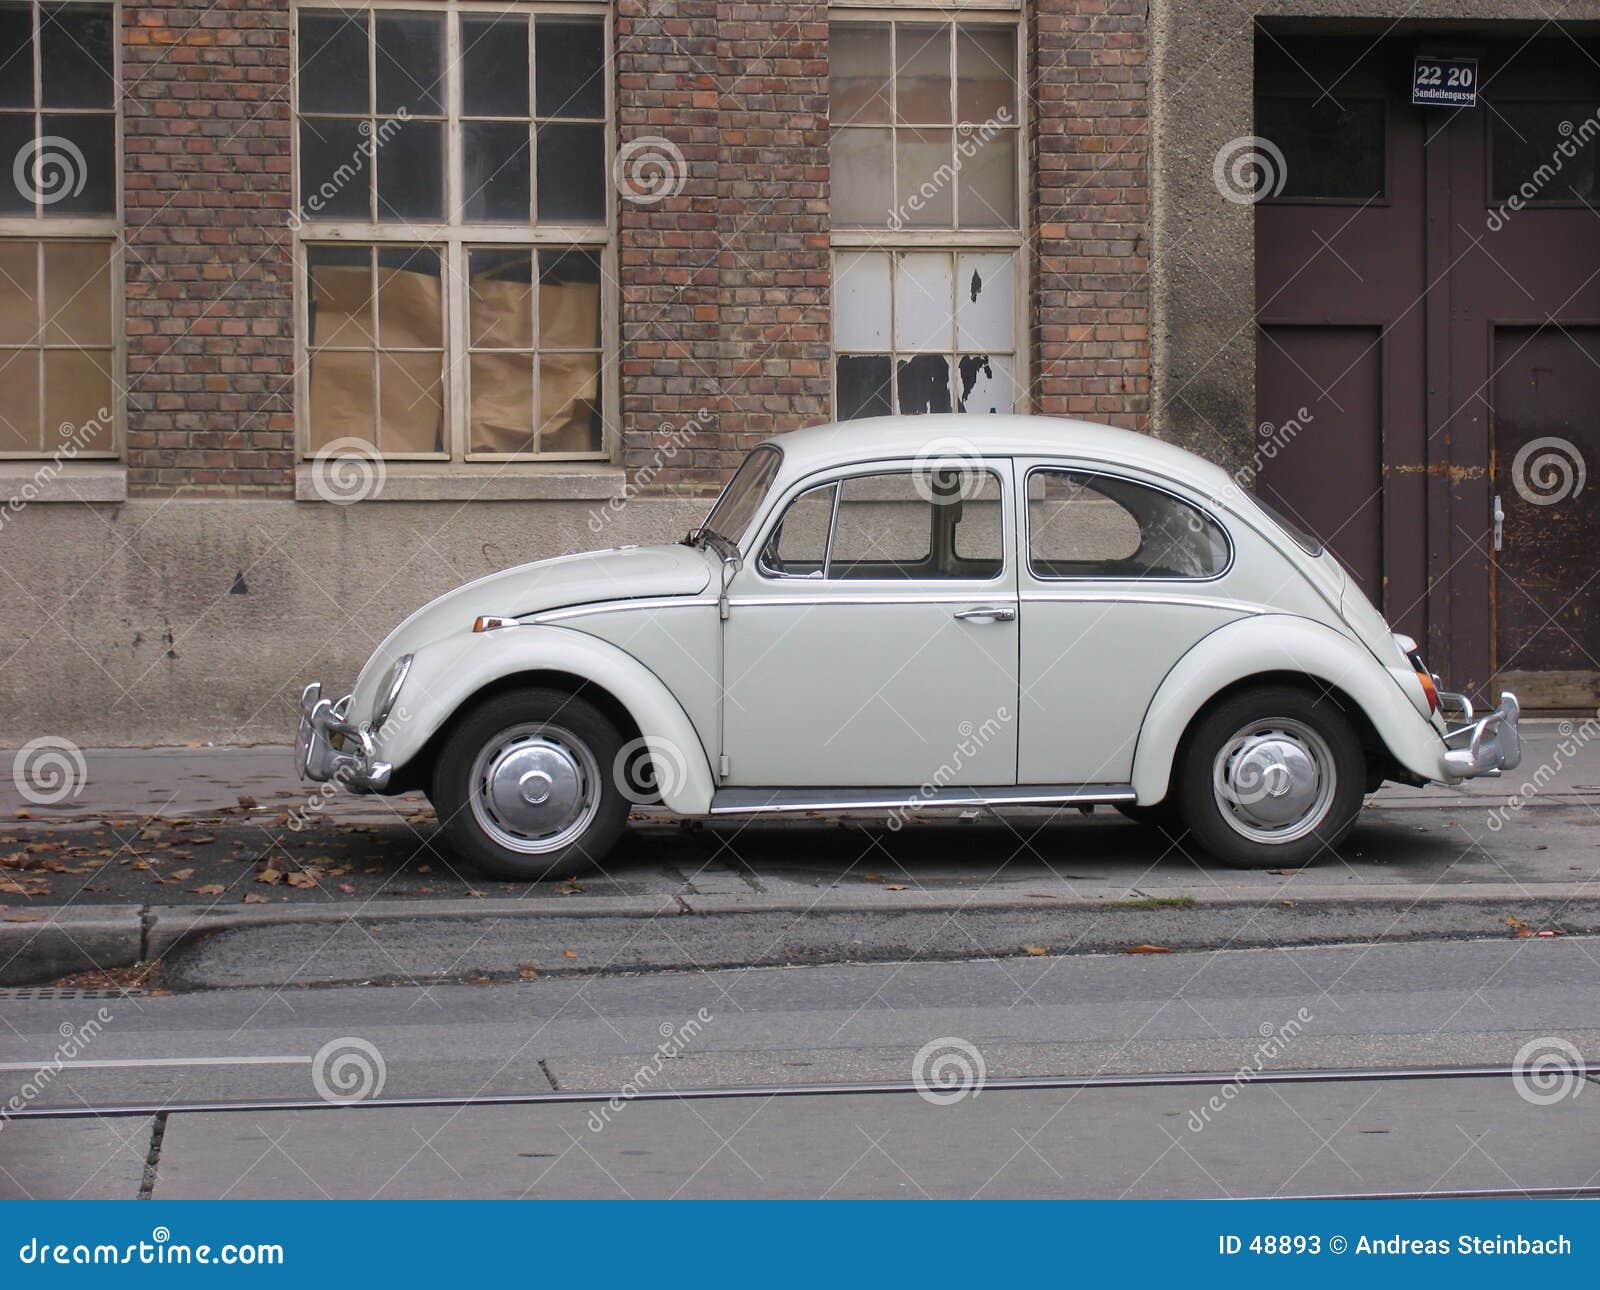 Classic gray Volkswagen Beetle